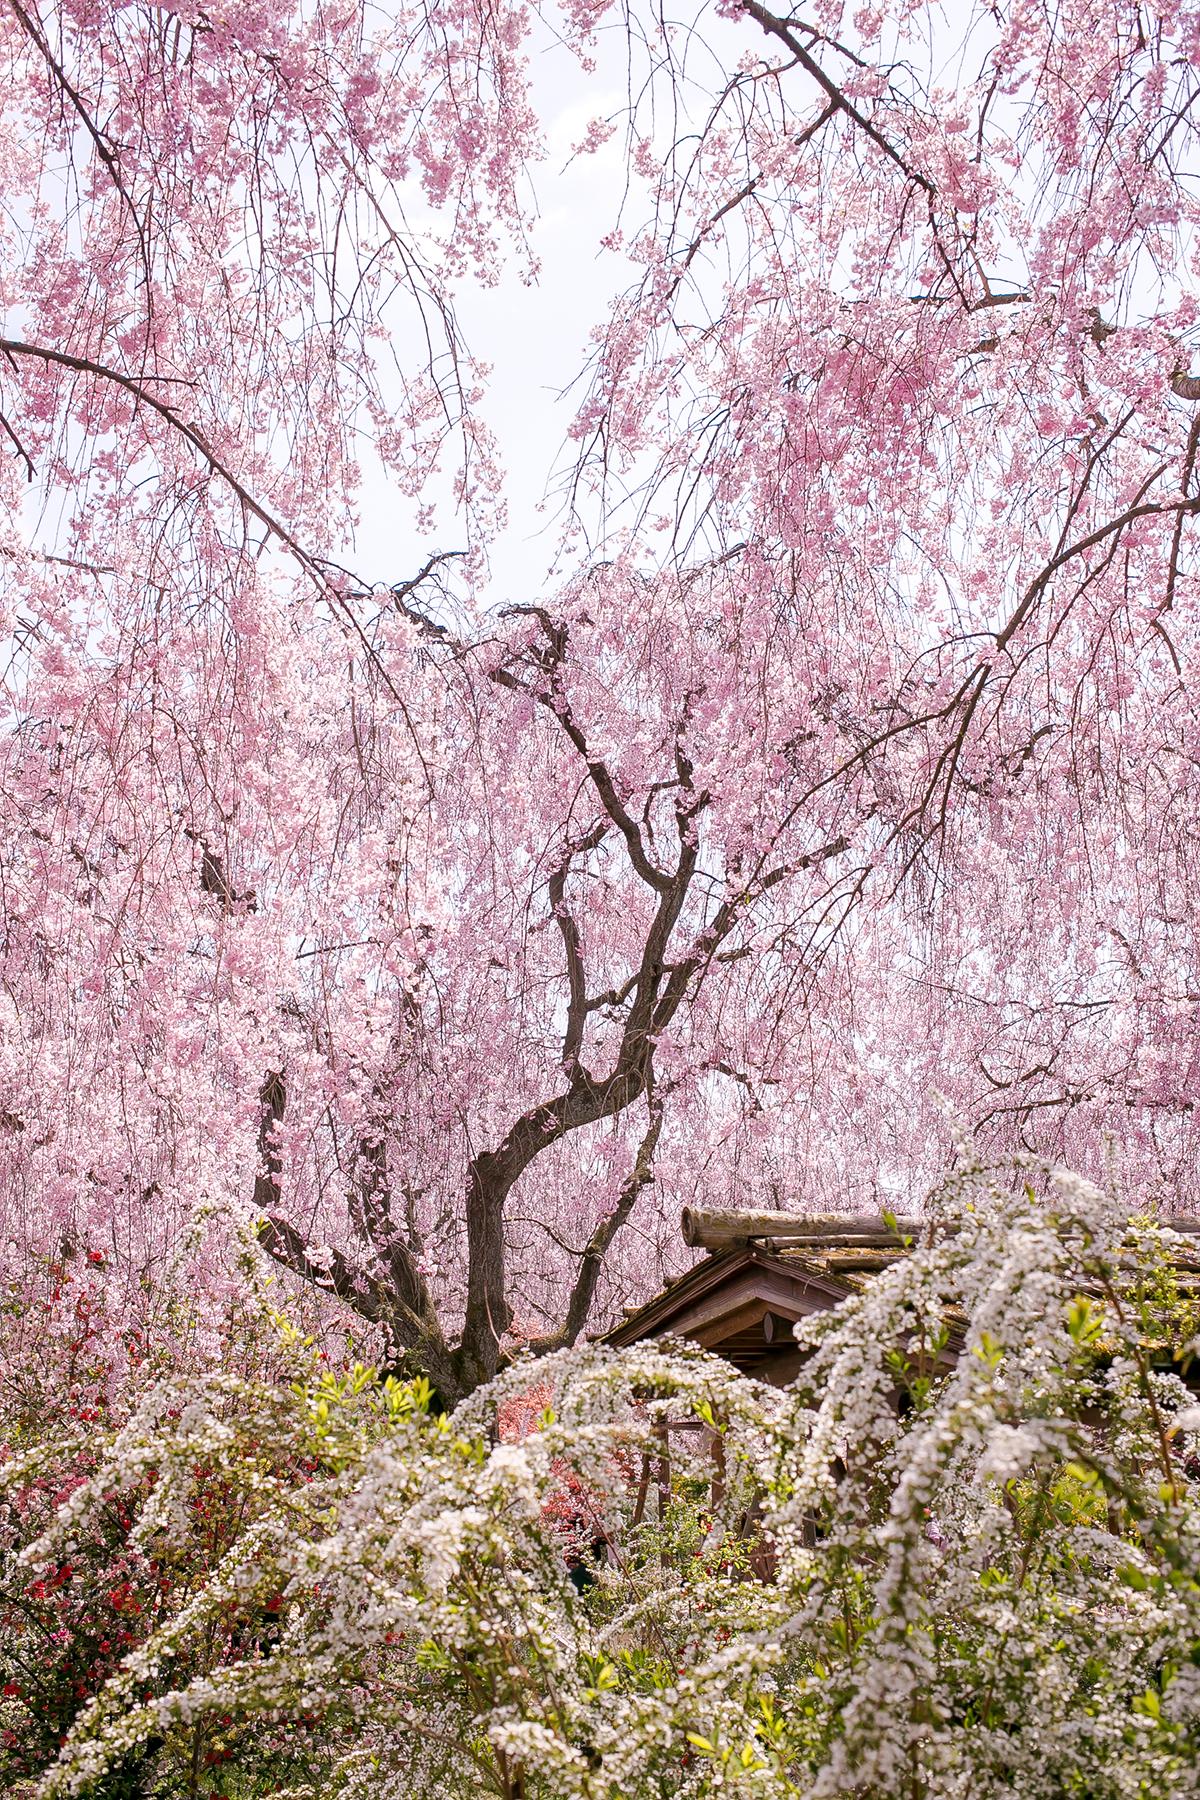 原谷苑 京都の隠れた桜名所